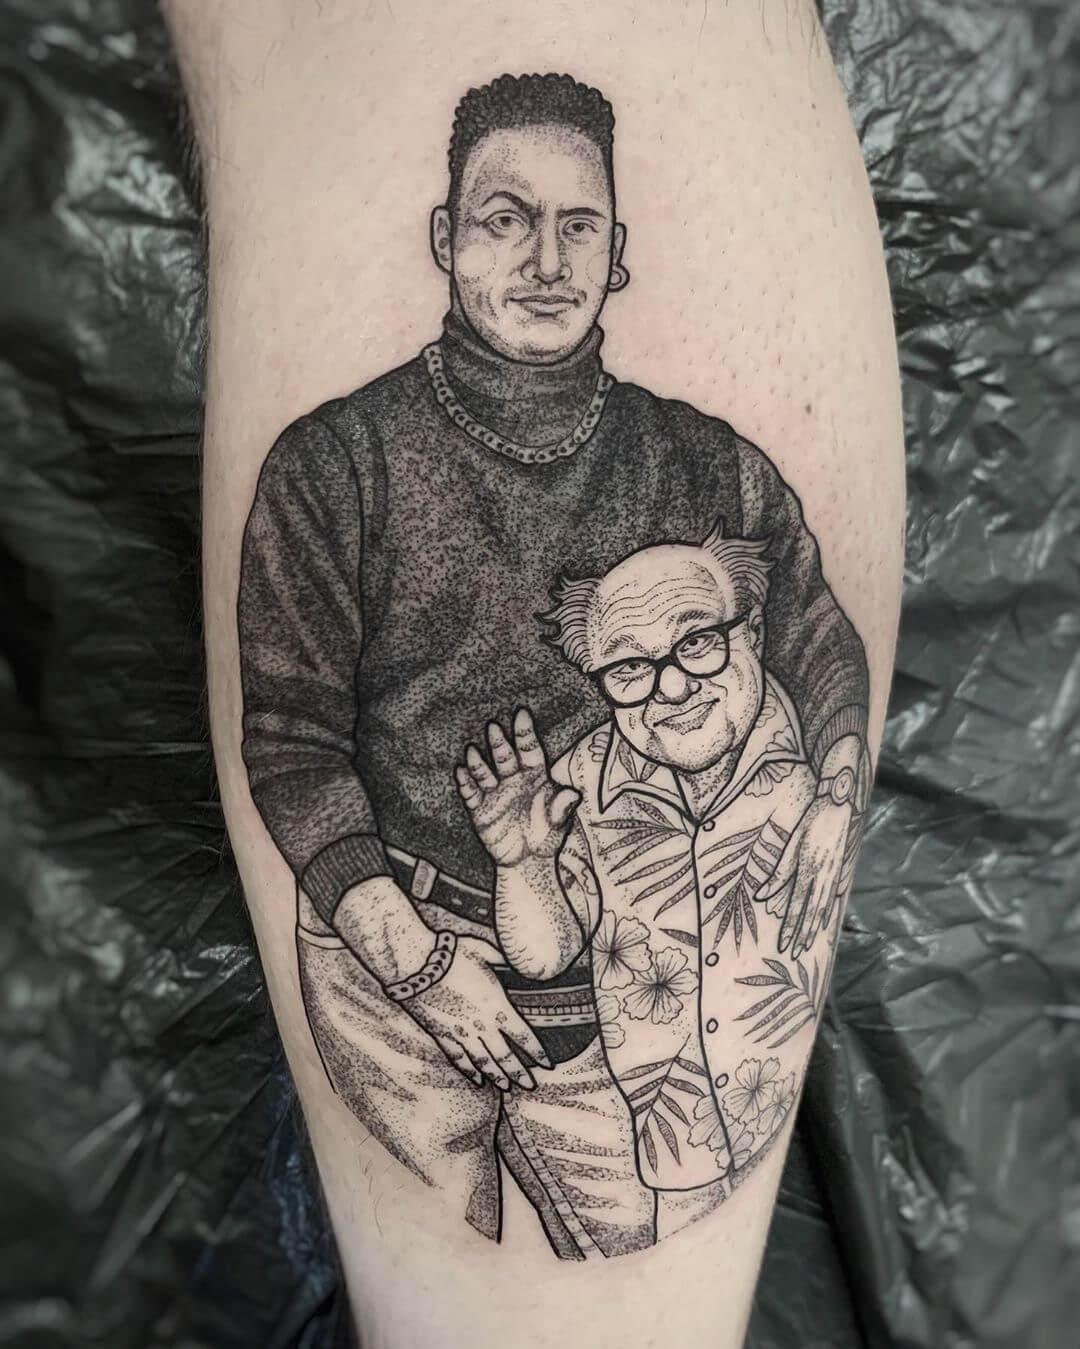 Illustrative portrait of Dwayne Johnson and Danny Devito, tattoo by Suflanda